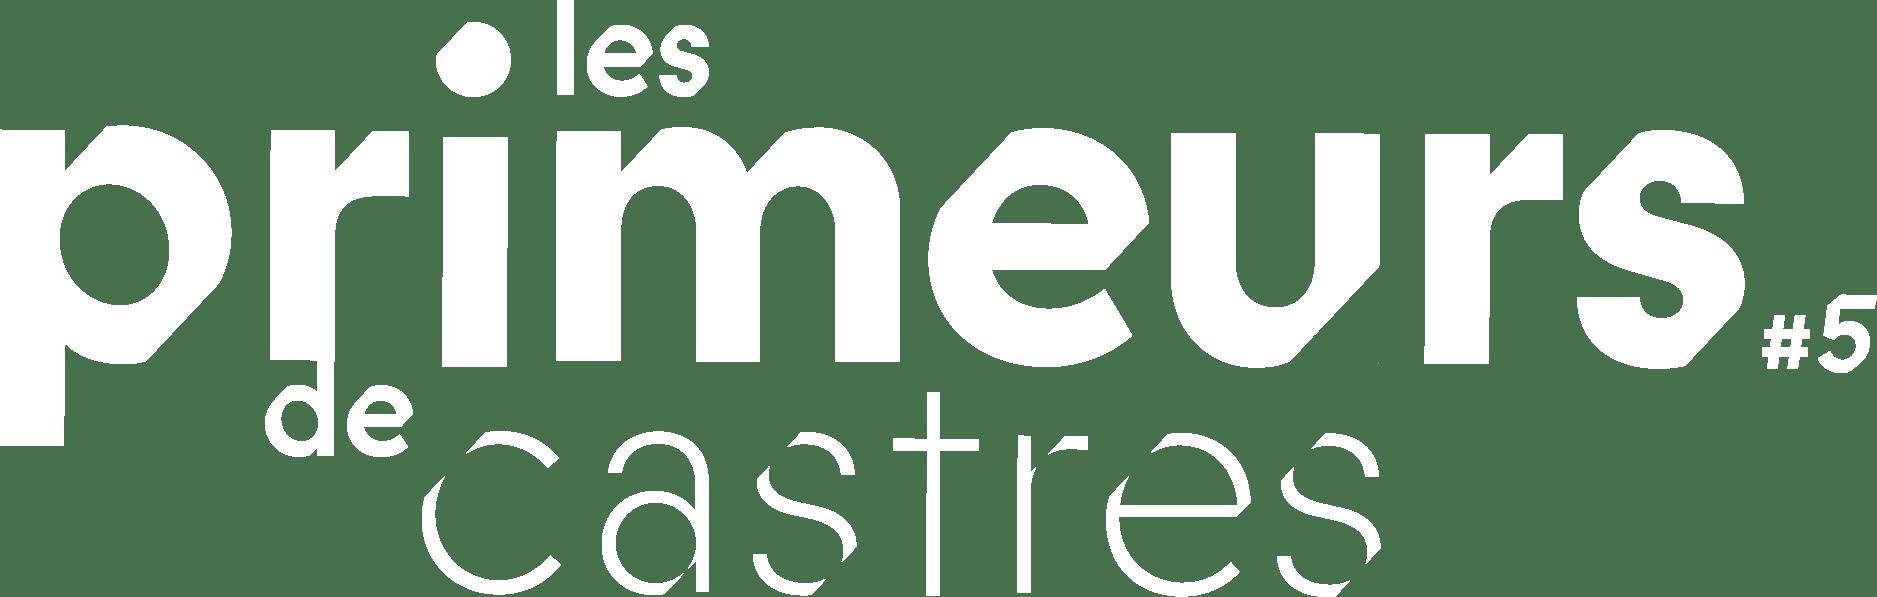 http://www.lesprimeursdecastres.fr/ logo